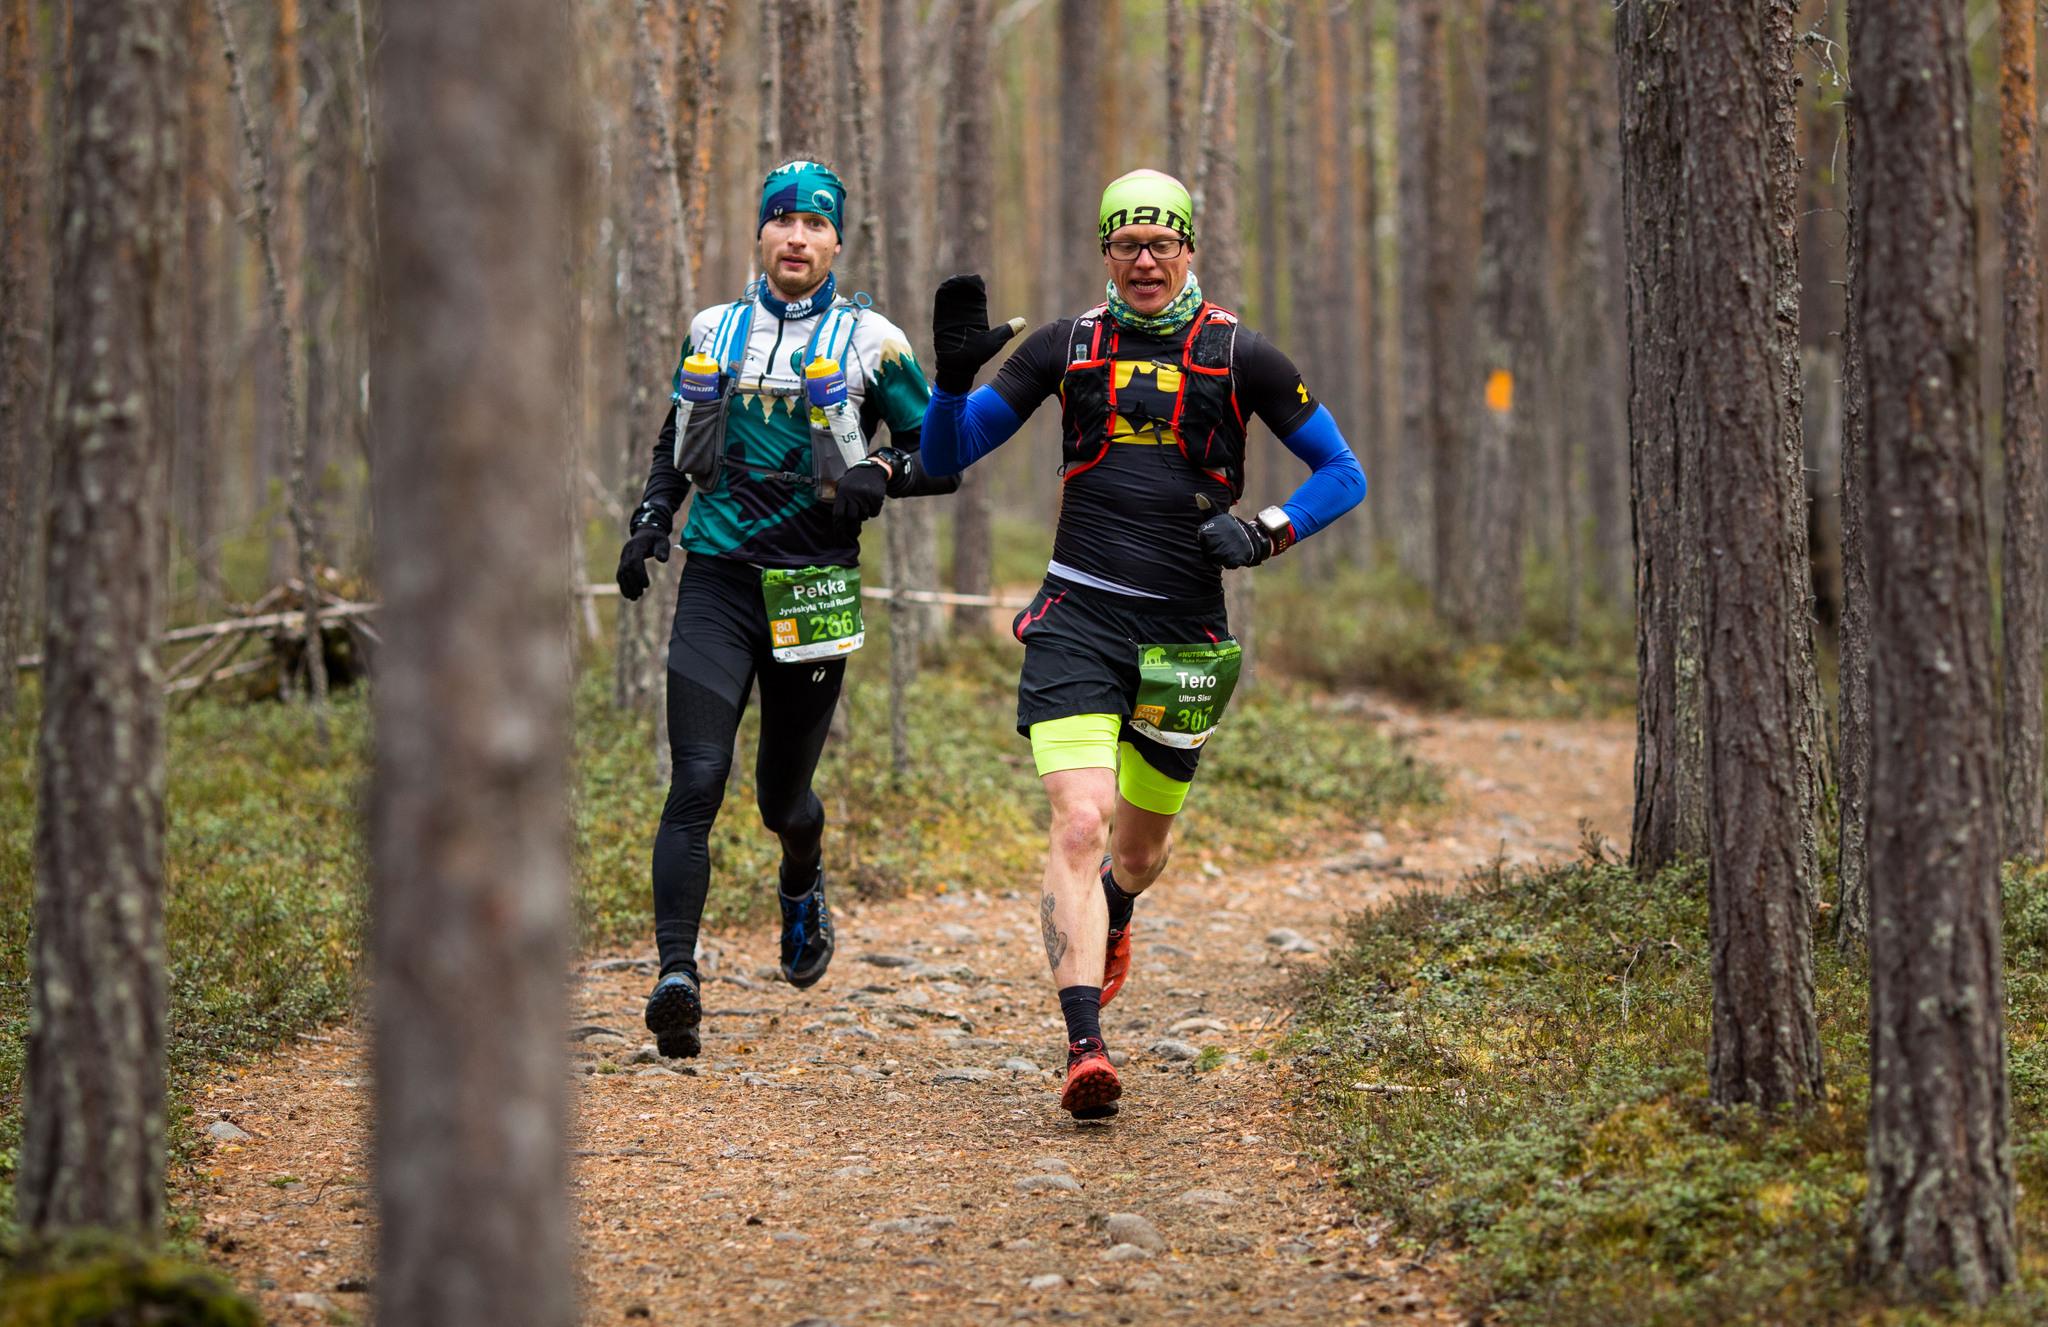 Ruokolainen (oik) ja Teivaanmäki 3,5 tunnin maratonvauhdissa. Kuva: Aapo Laiho